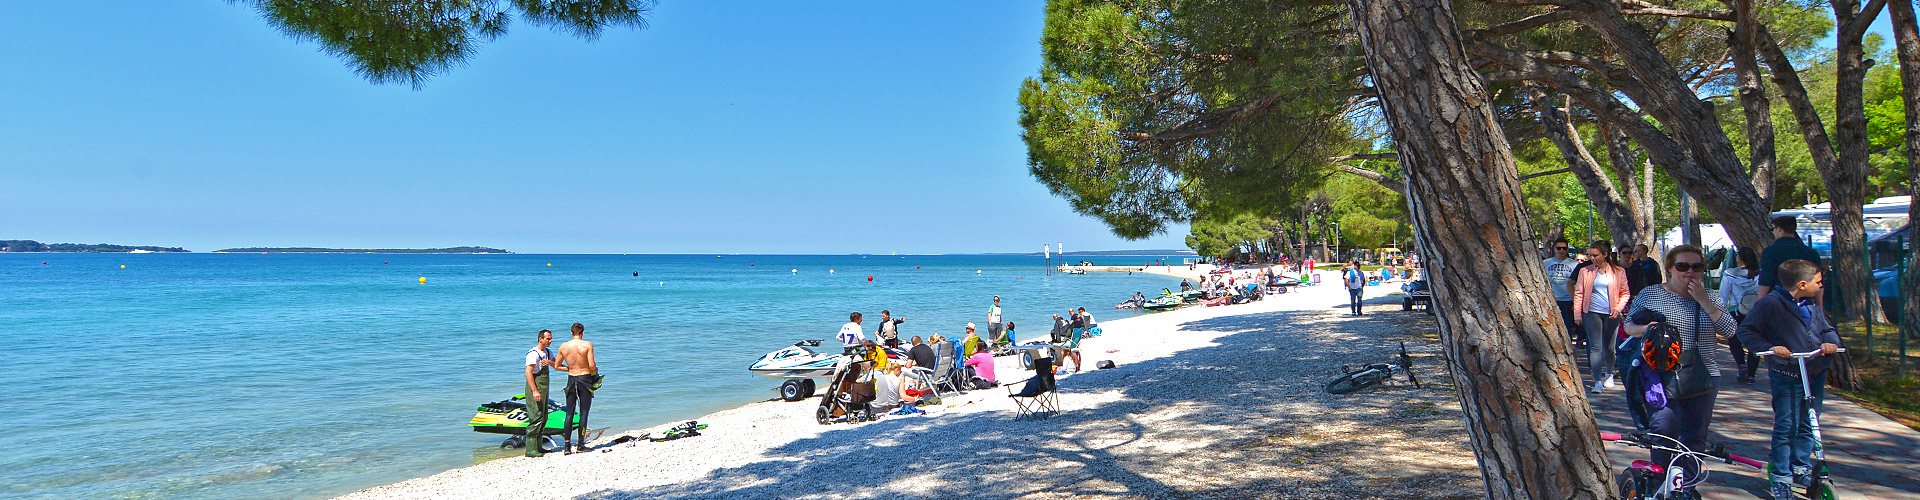 Istria Sun Strand Bi Val In Pula Istrien Kroatien Karte